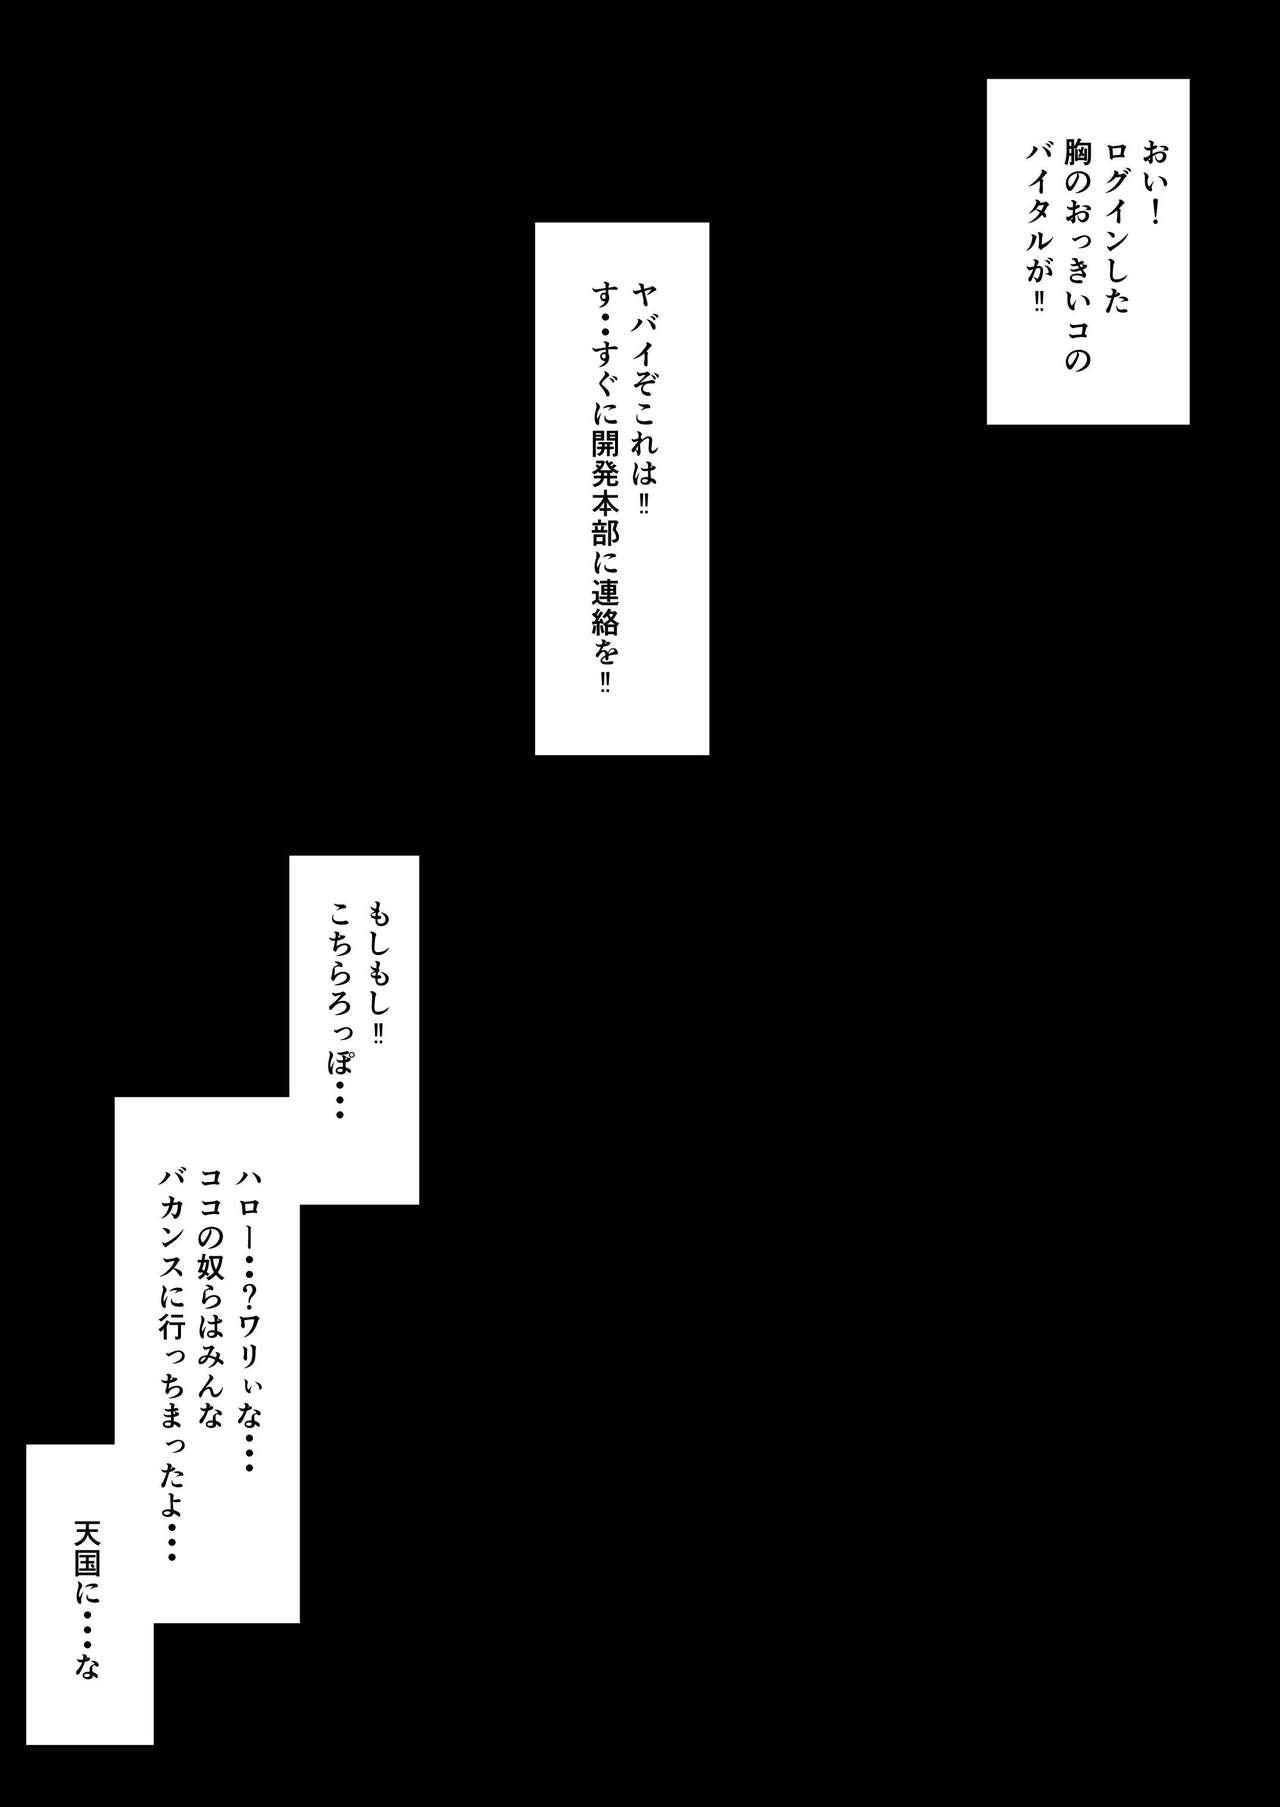 閃光遊戯Ⅳ 39